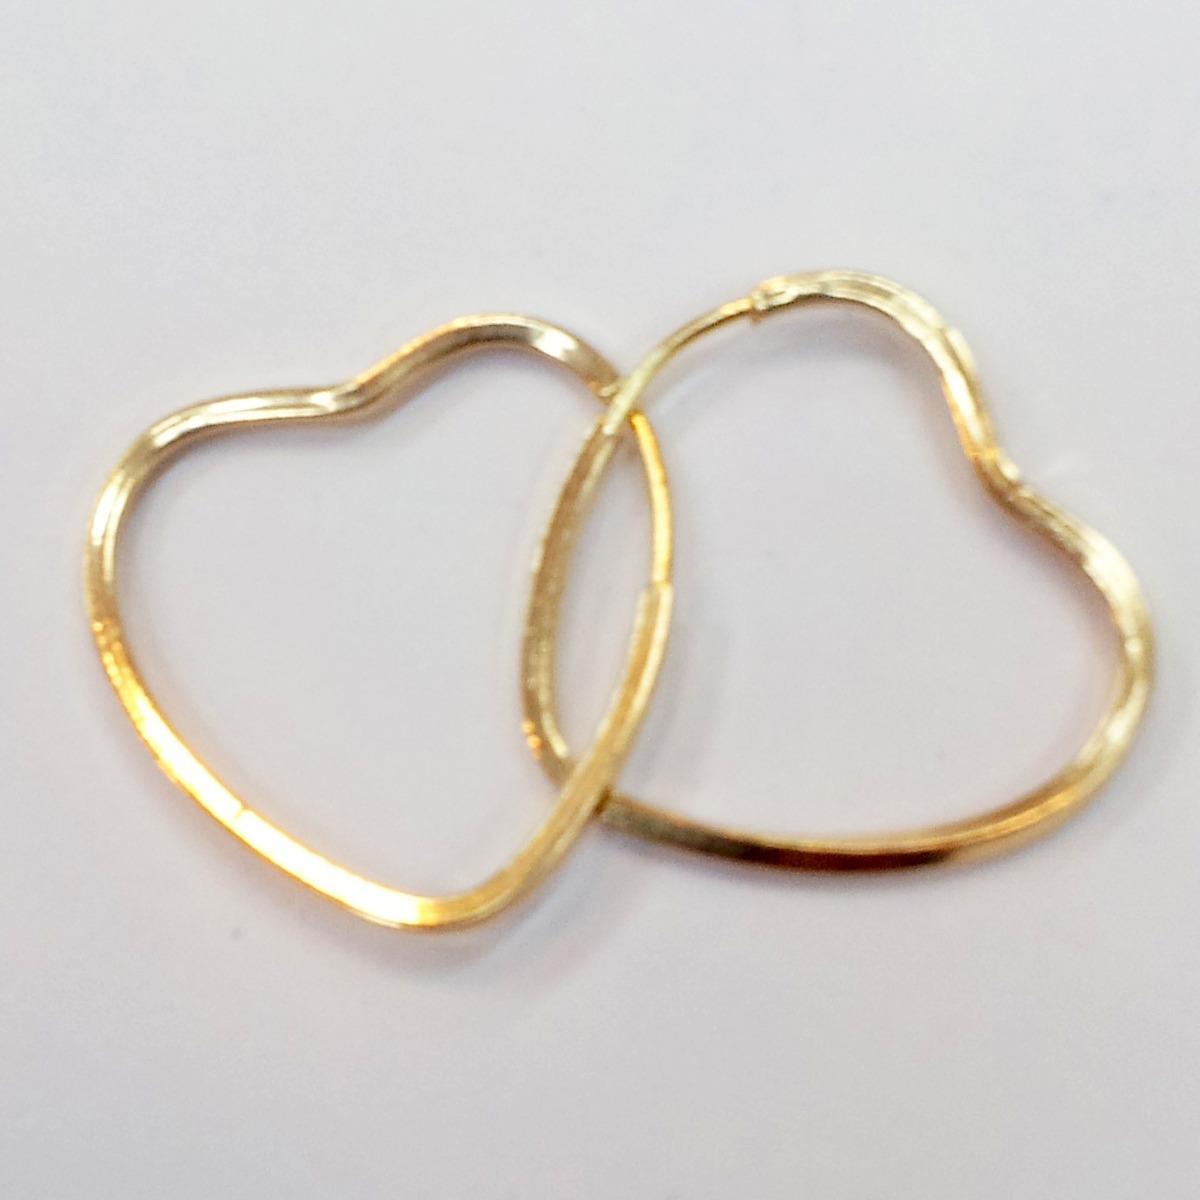 4392f12be9932 brinco argola pequena coração de ouro 18k + frete grátis. Carregando zoom.